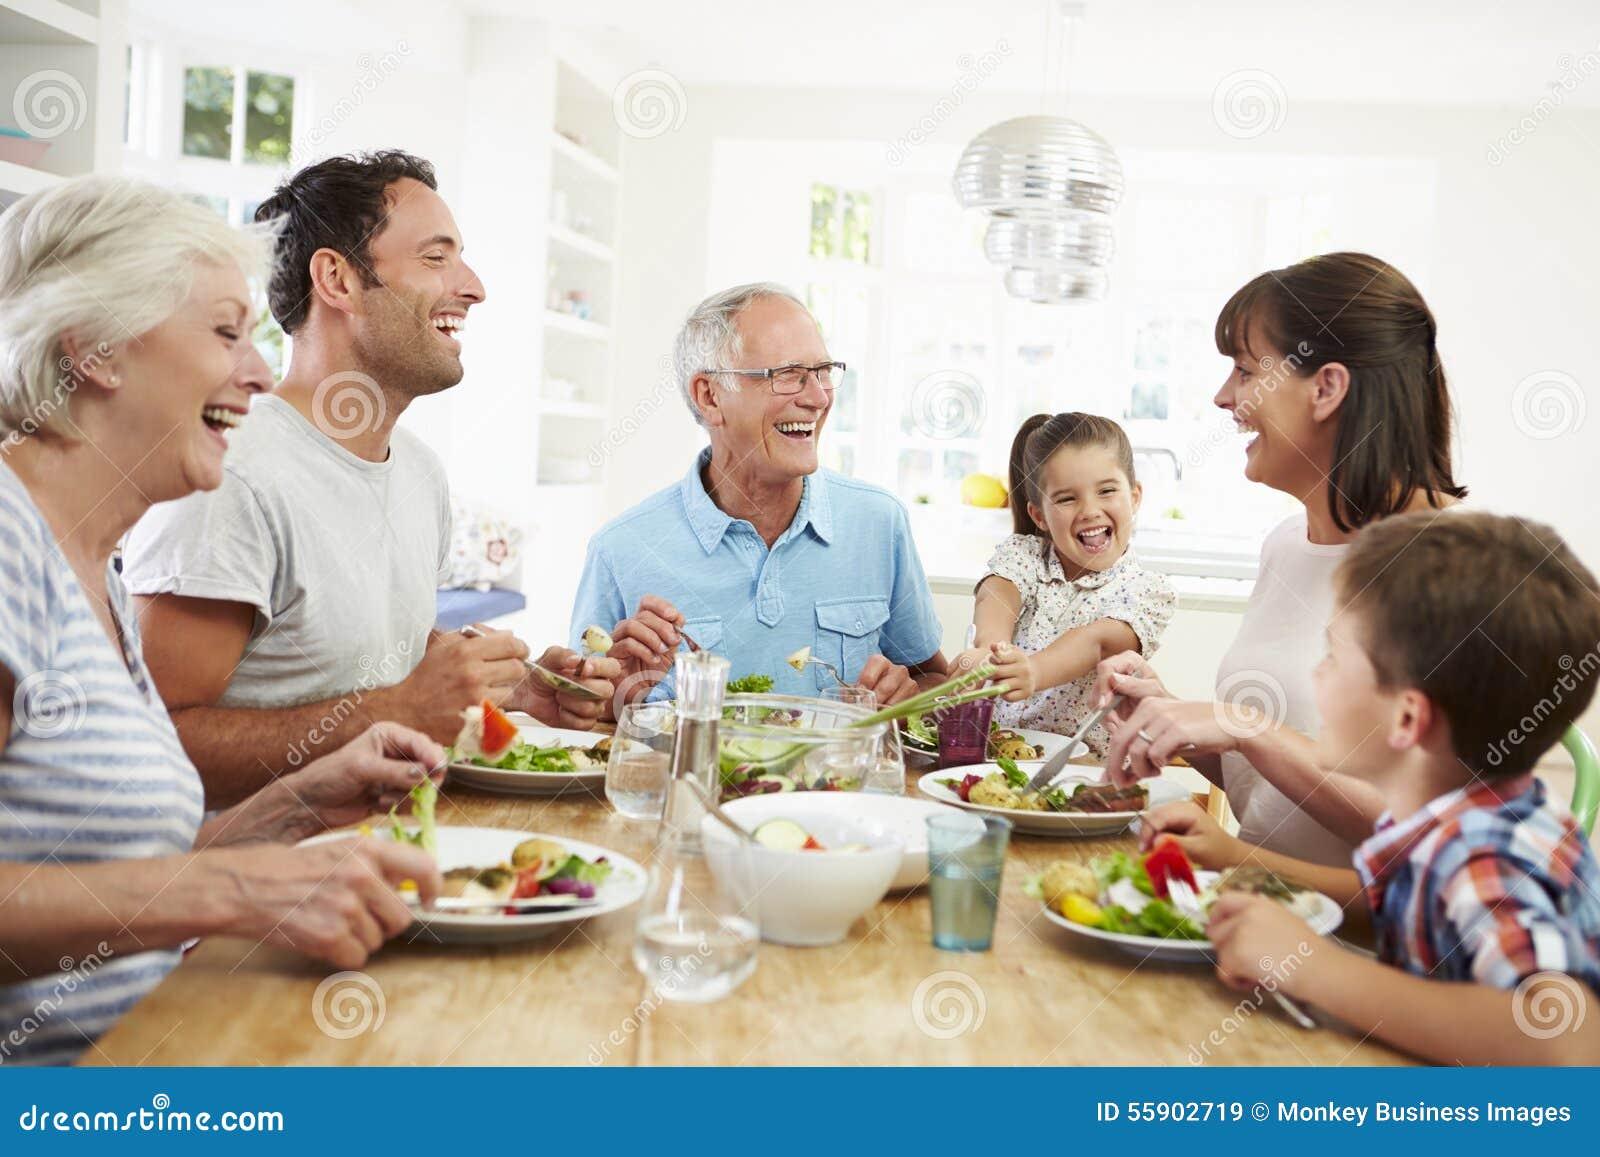 Πολυ οικογένεια παραγωγής που τρώει το γεύμα γύρω από τον πίνακα κουζινών